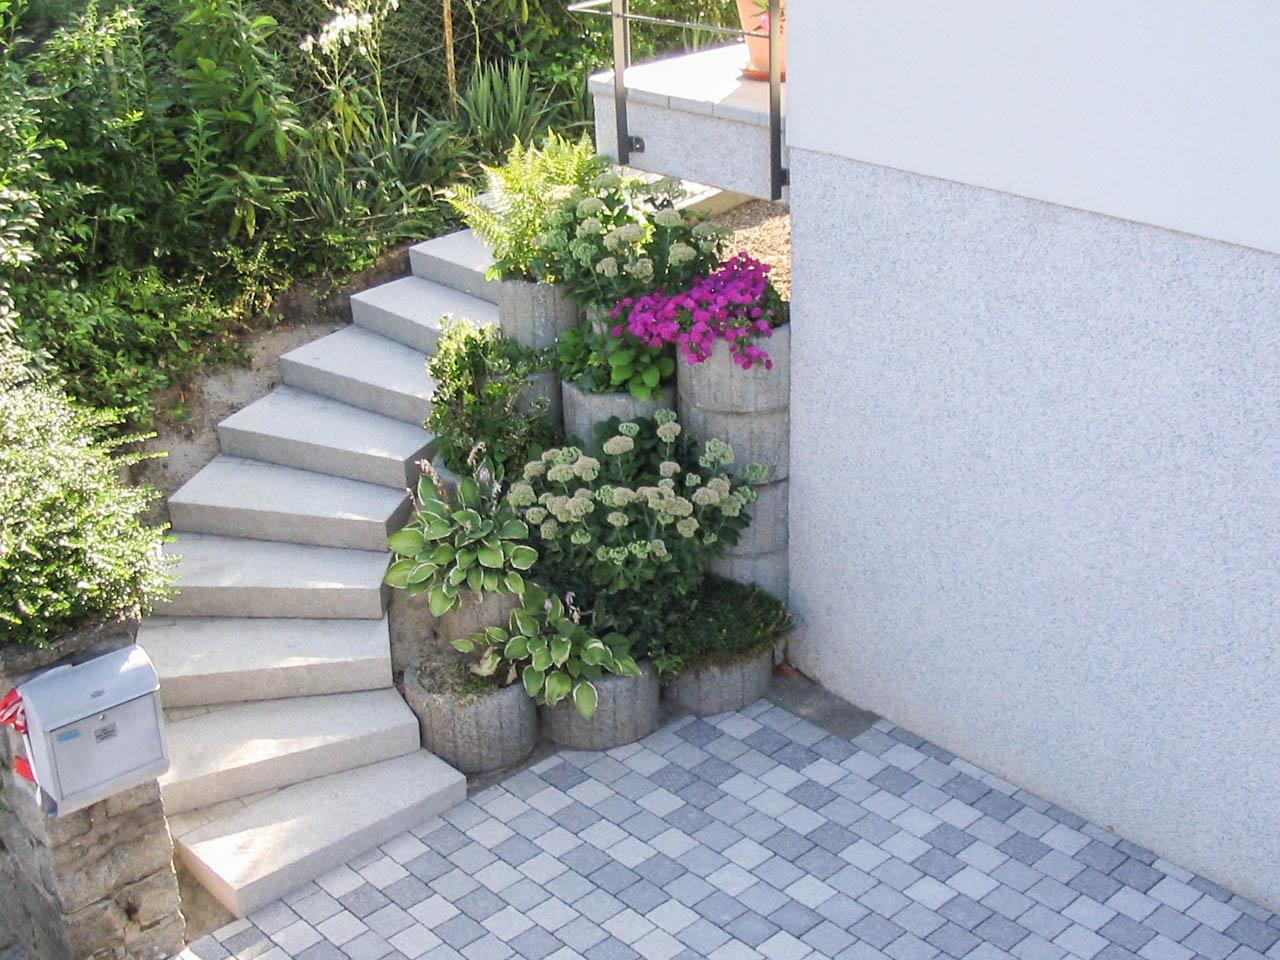 treppen kunststein betonstein naturstein thilo g klipstein landschaftsbau. Black Bedroom Furniture Sets. Home Design Ideas